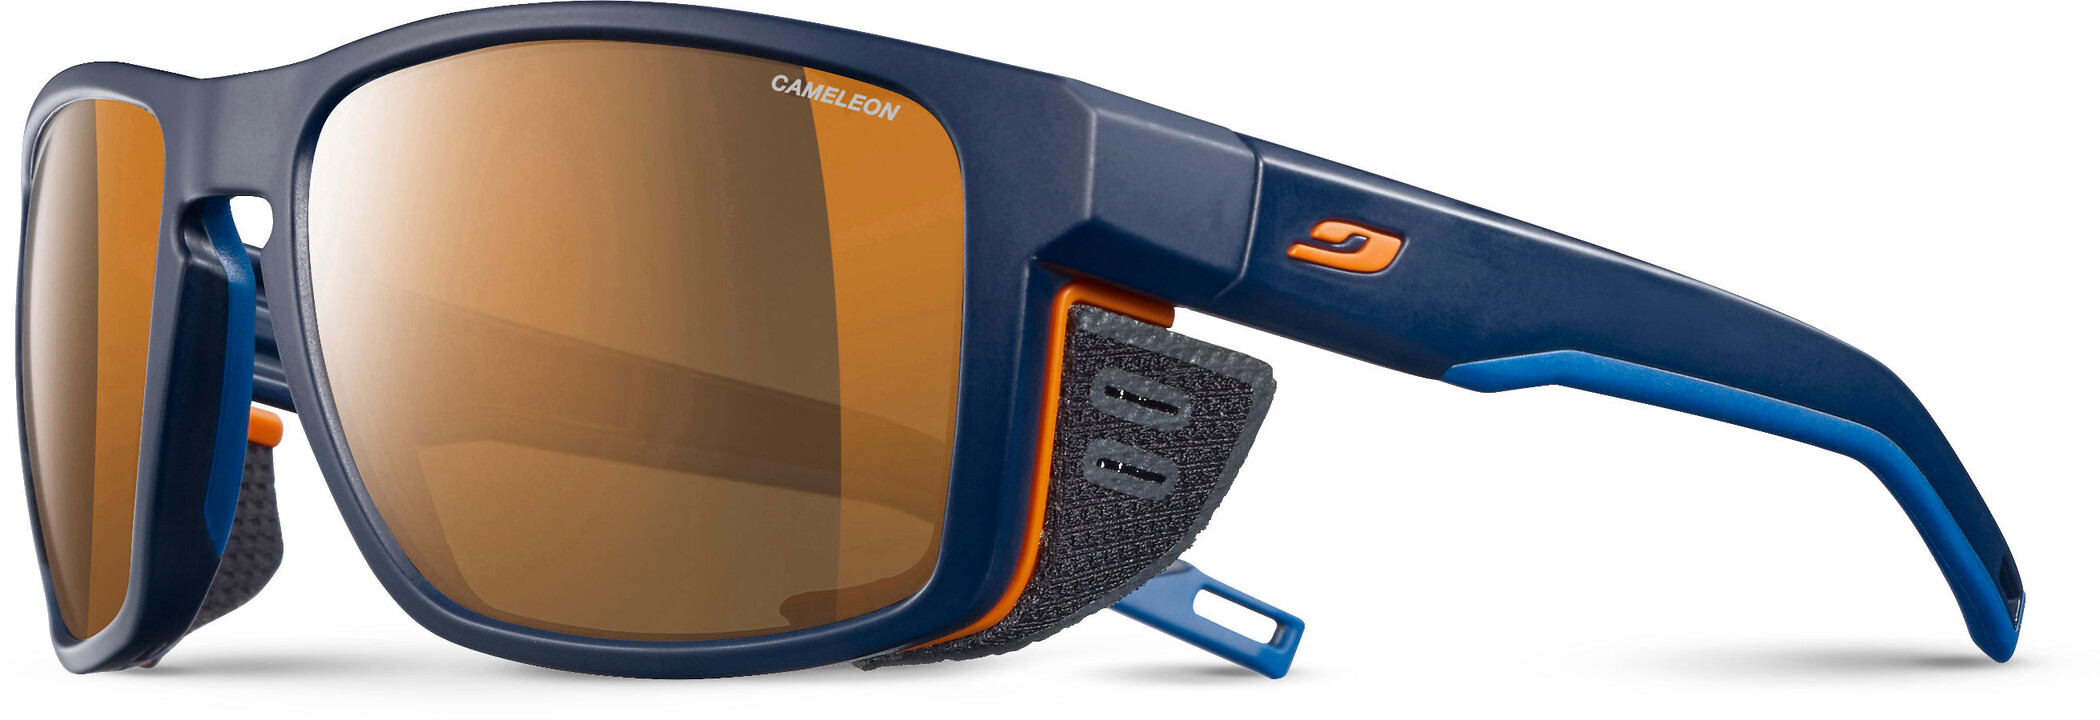 Julbo Shield Cameleon Solbriller, blue/blue/orange-brown | Briller